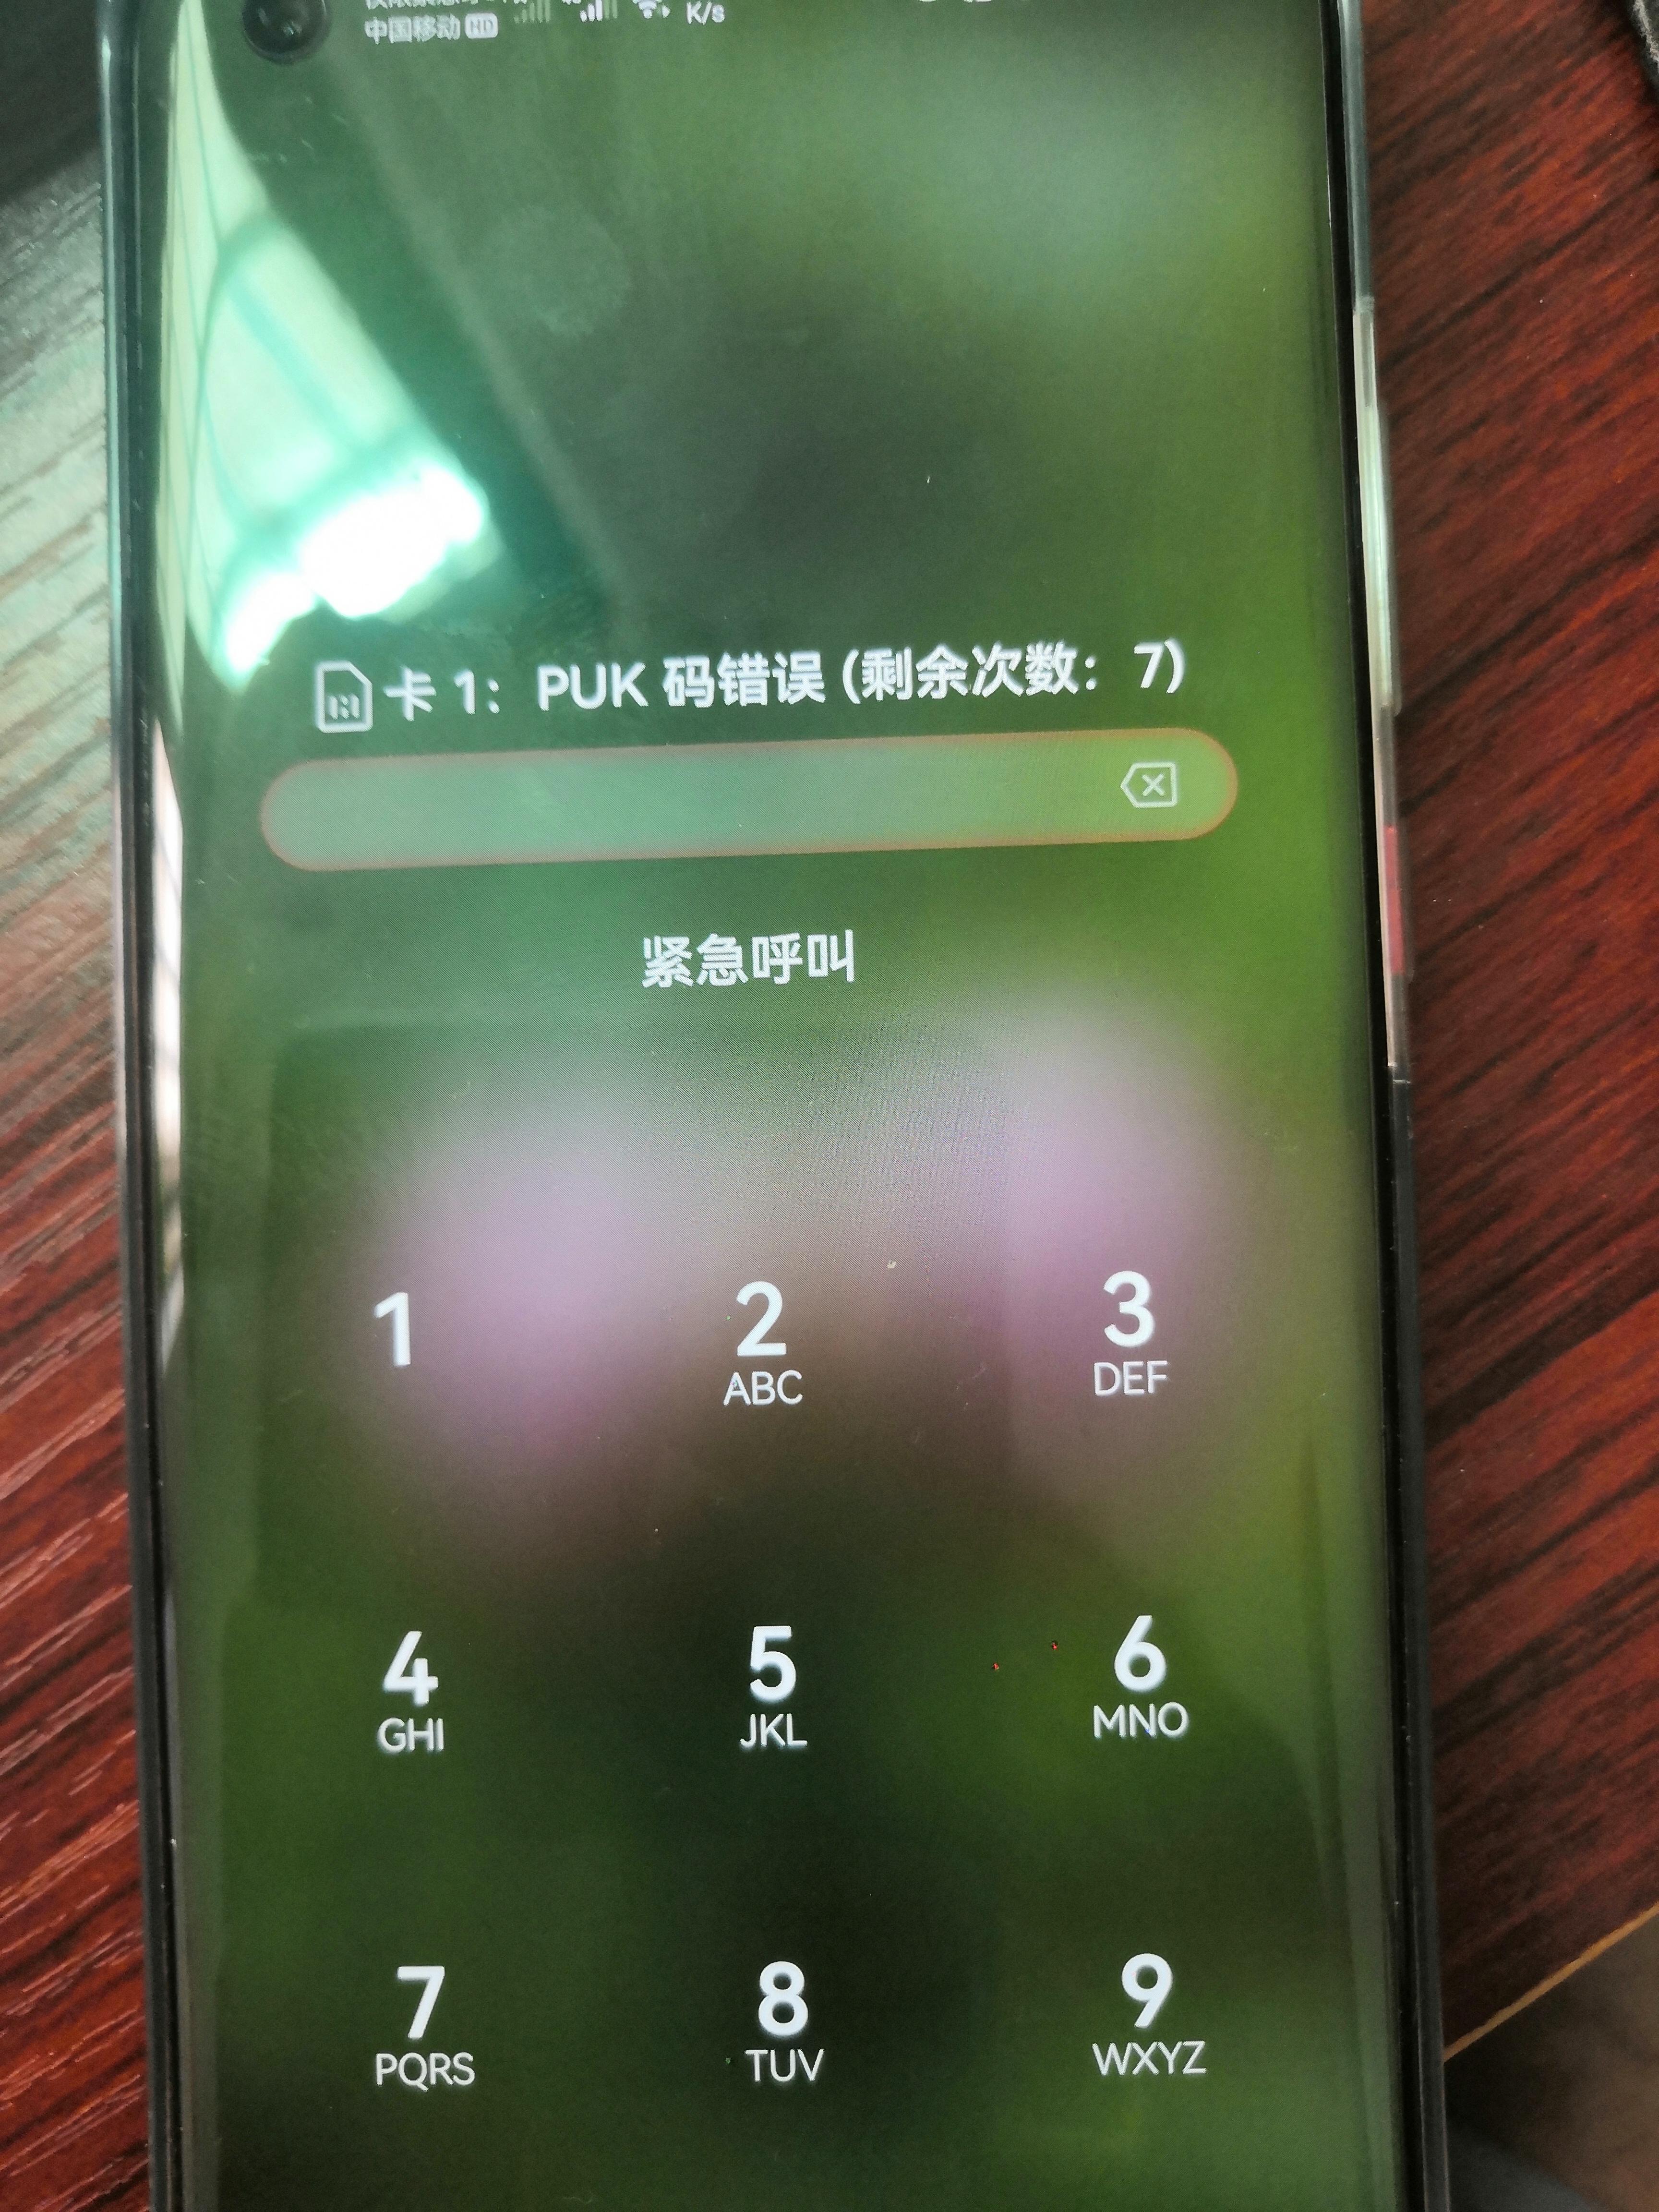 手机运营商服务密码怎么查(如何获取运营商服务密码)